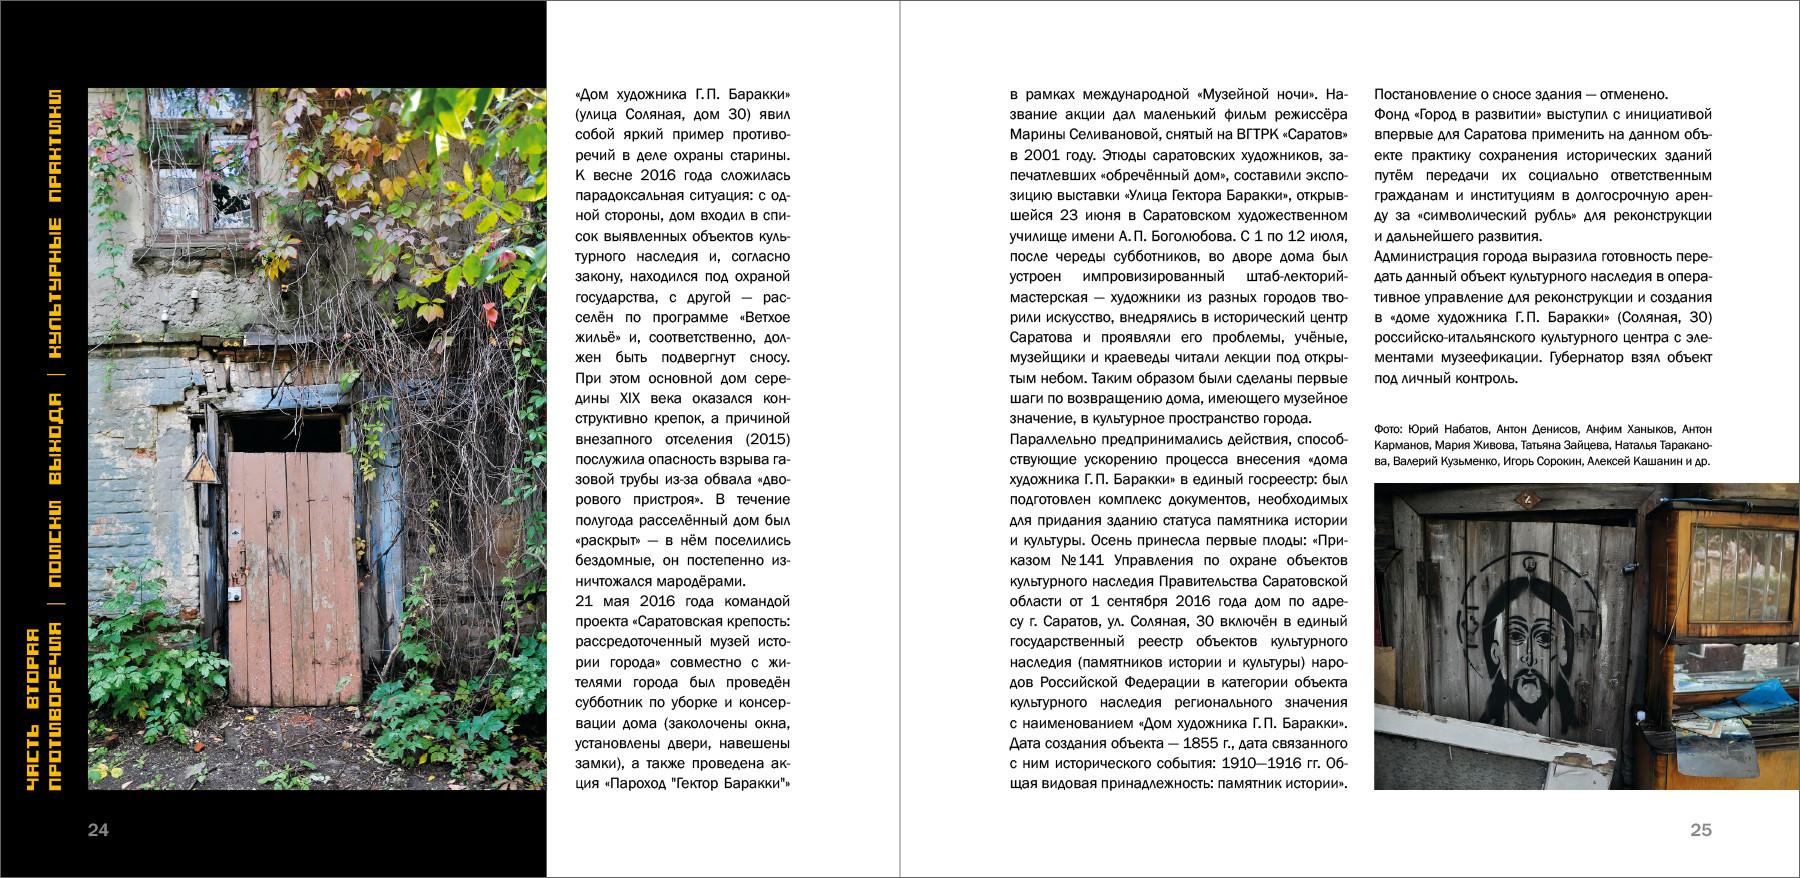 Жилой дом - Соляная, 30  (12).jpg